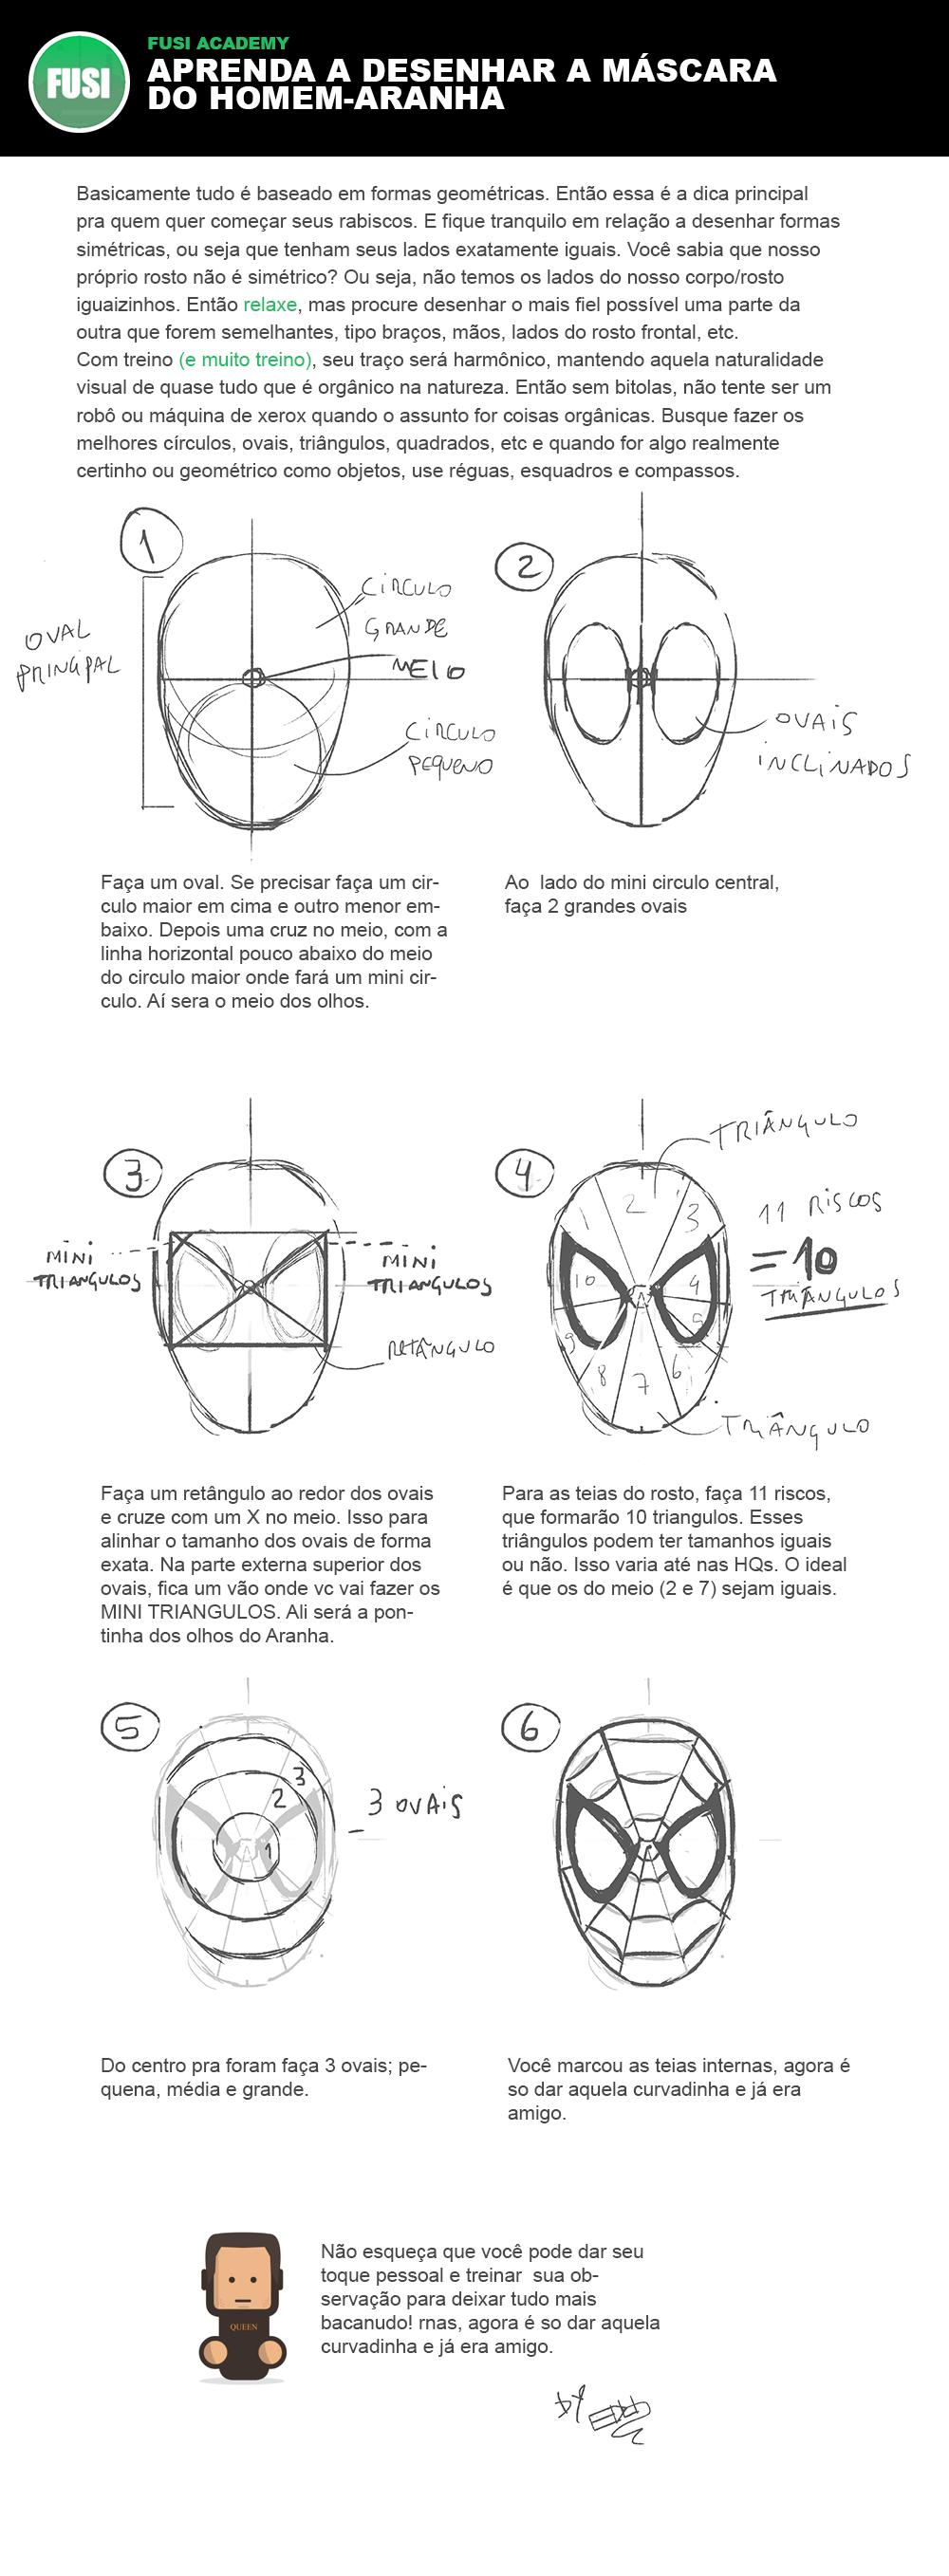 fusi-tutorial-spiderman-homemaranha.png